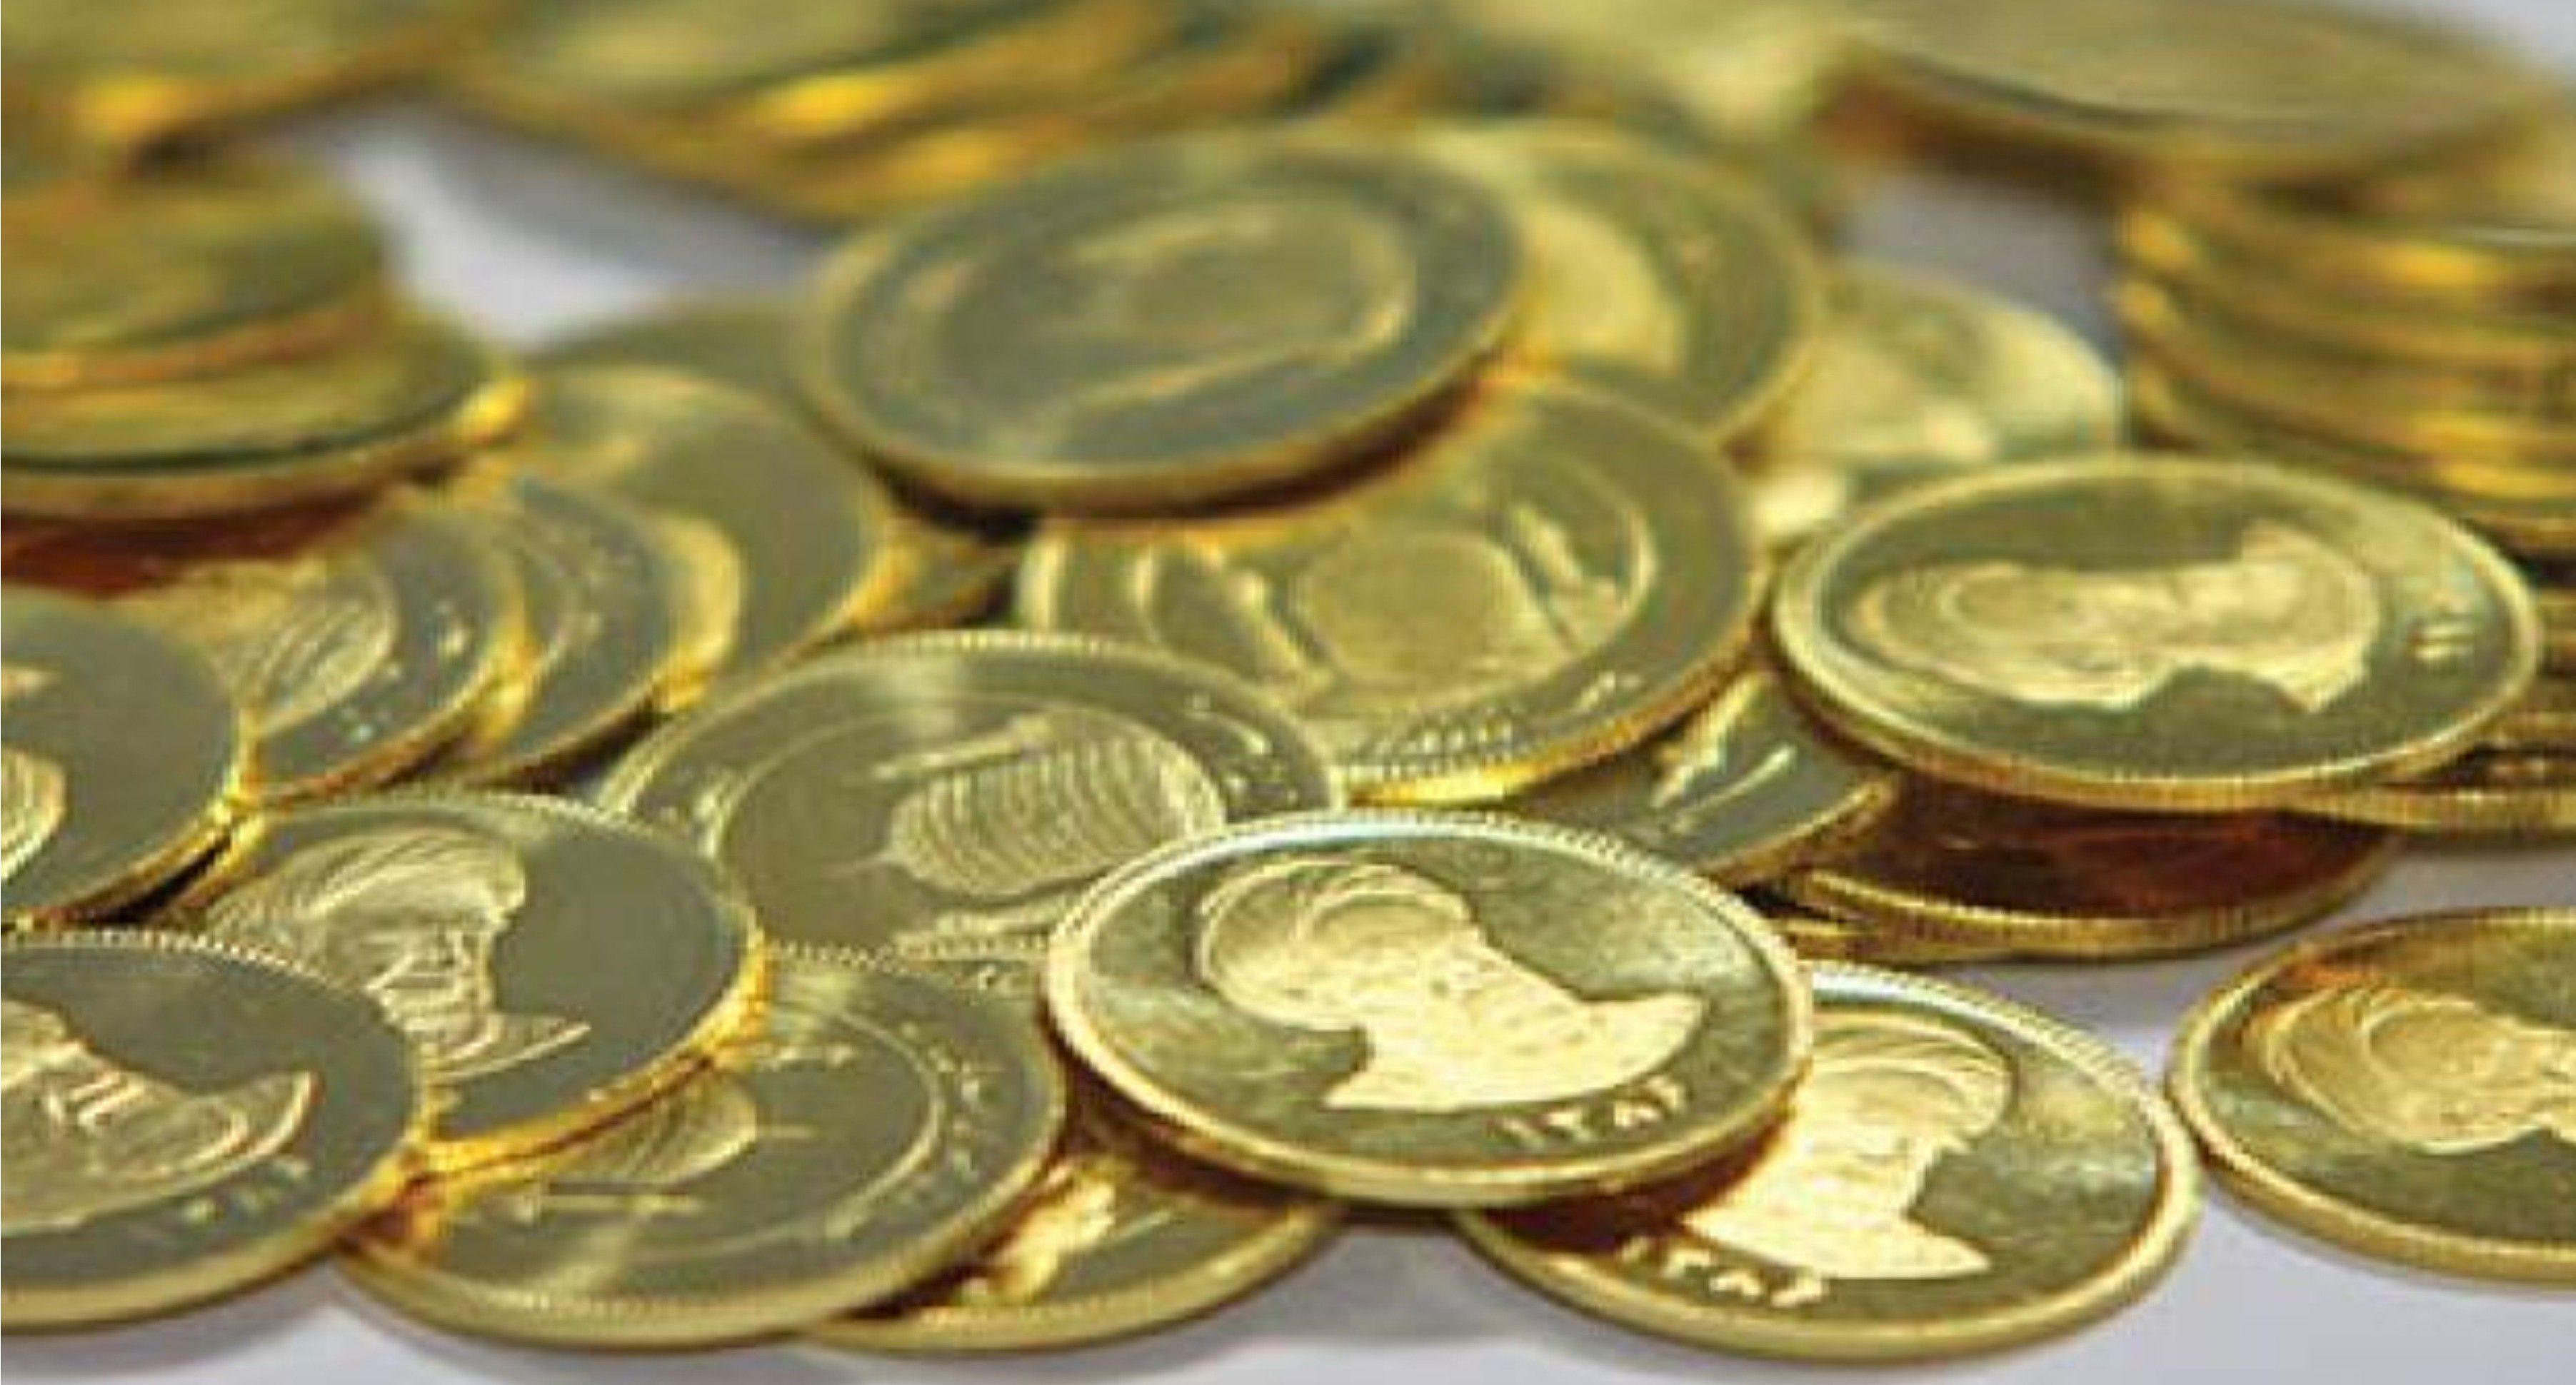 دو علامت برای معامله گران بازار سکه/ کاهش سقف قیمت سکه